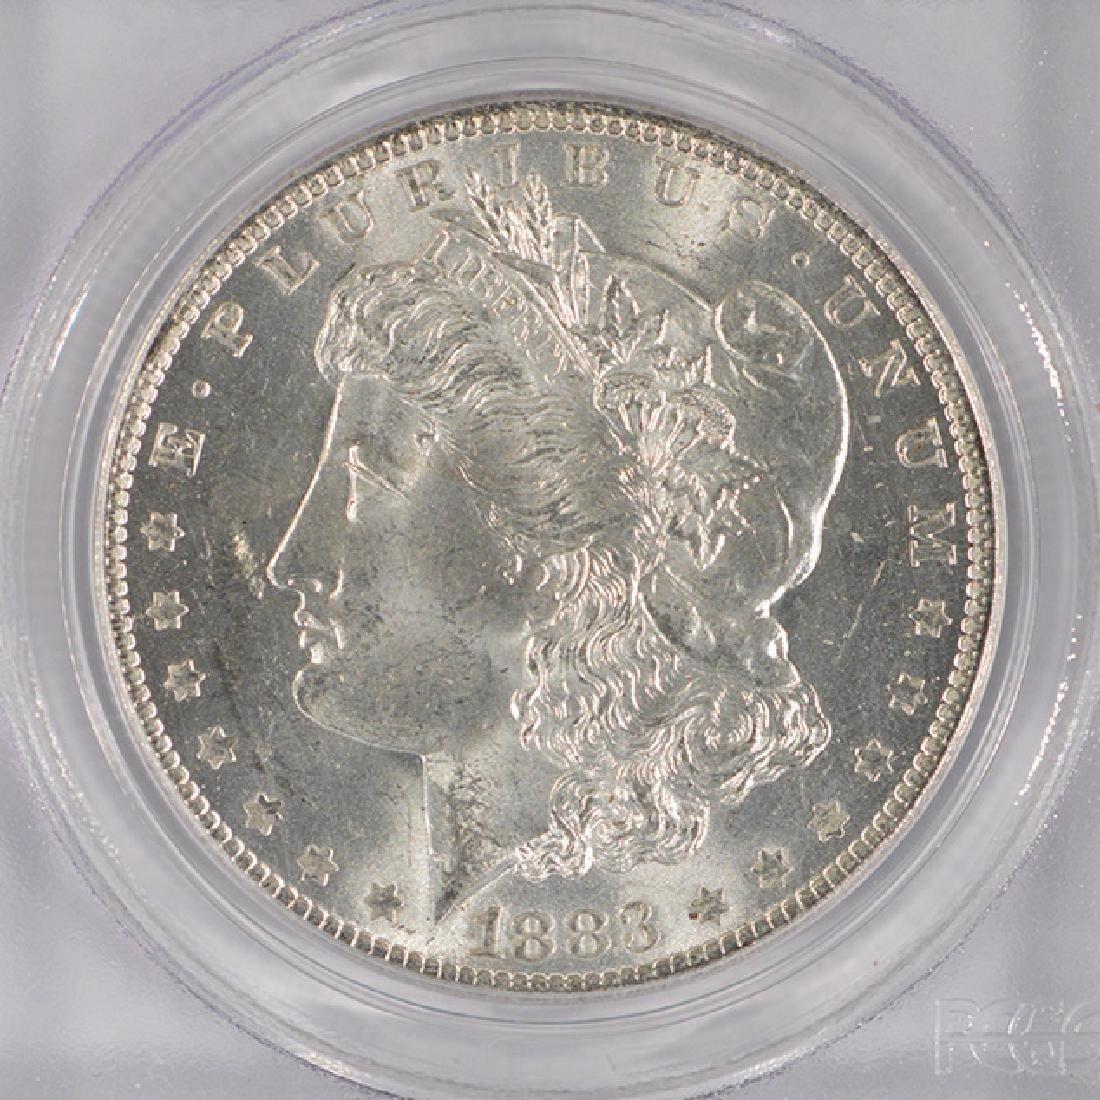 1883-O $1 Morgan Silver Dollar Coin PCGS MS64 - 3